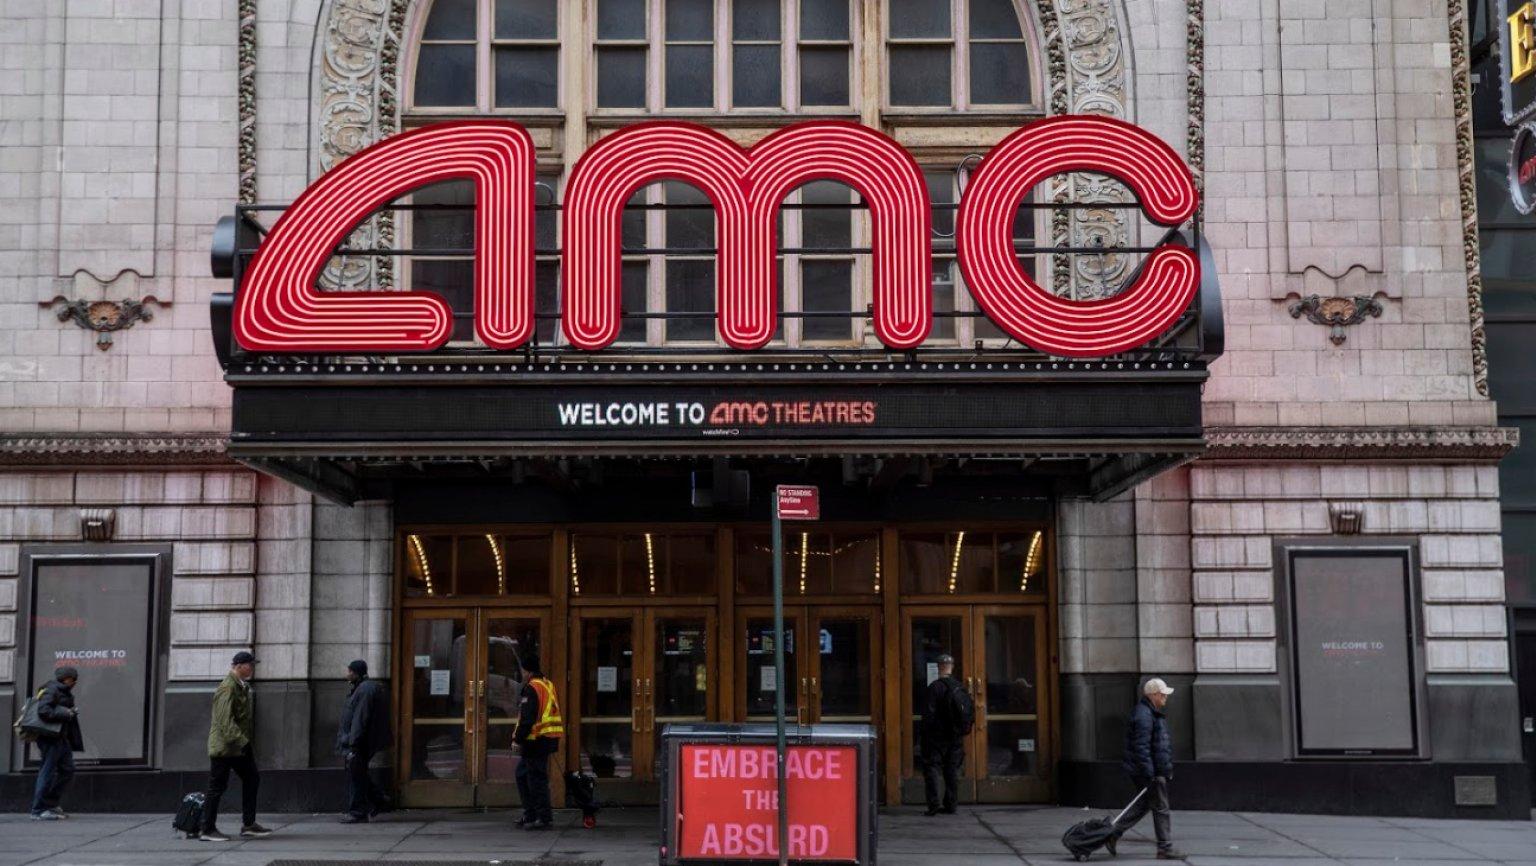 美国最大院线AMC总裁希望本土影院能在6月中旬重开图片